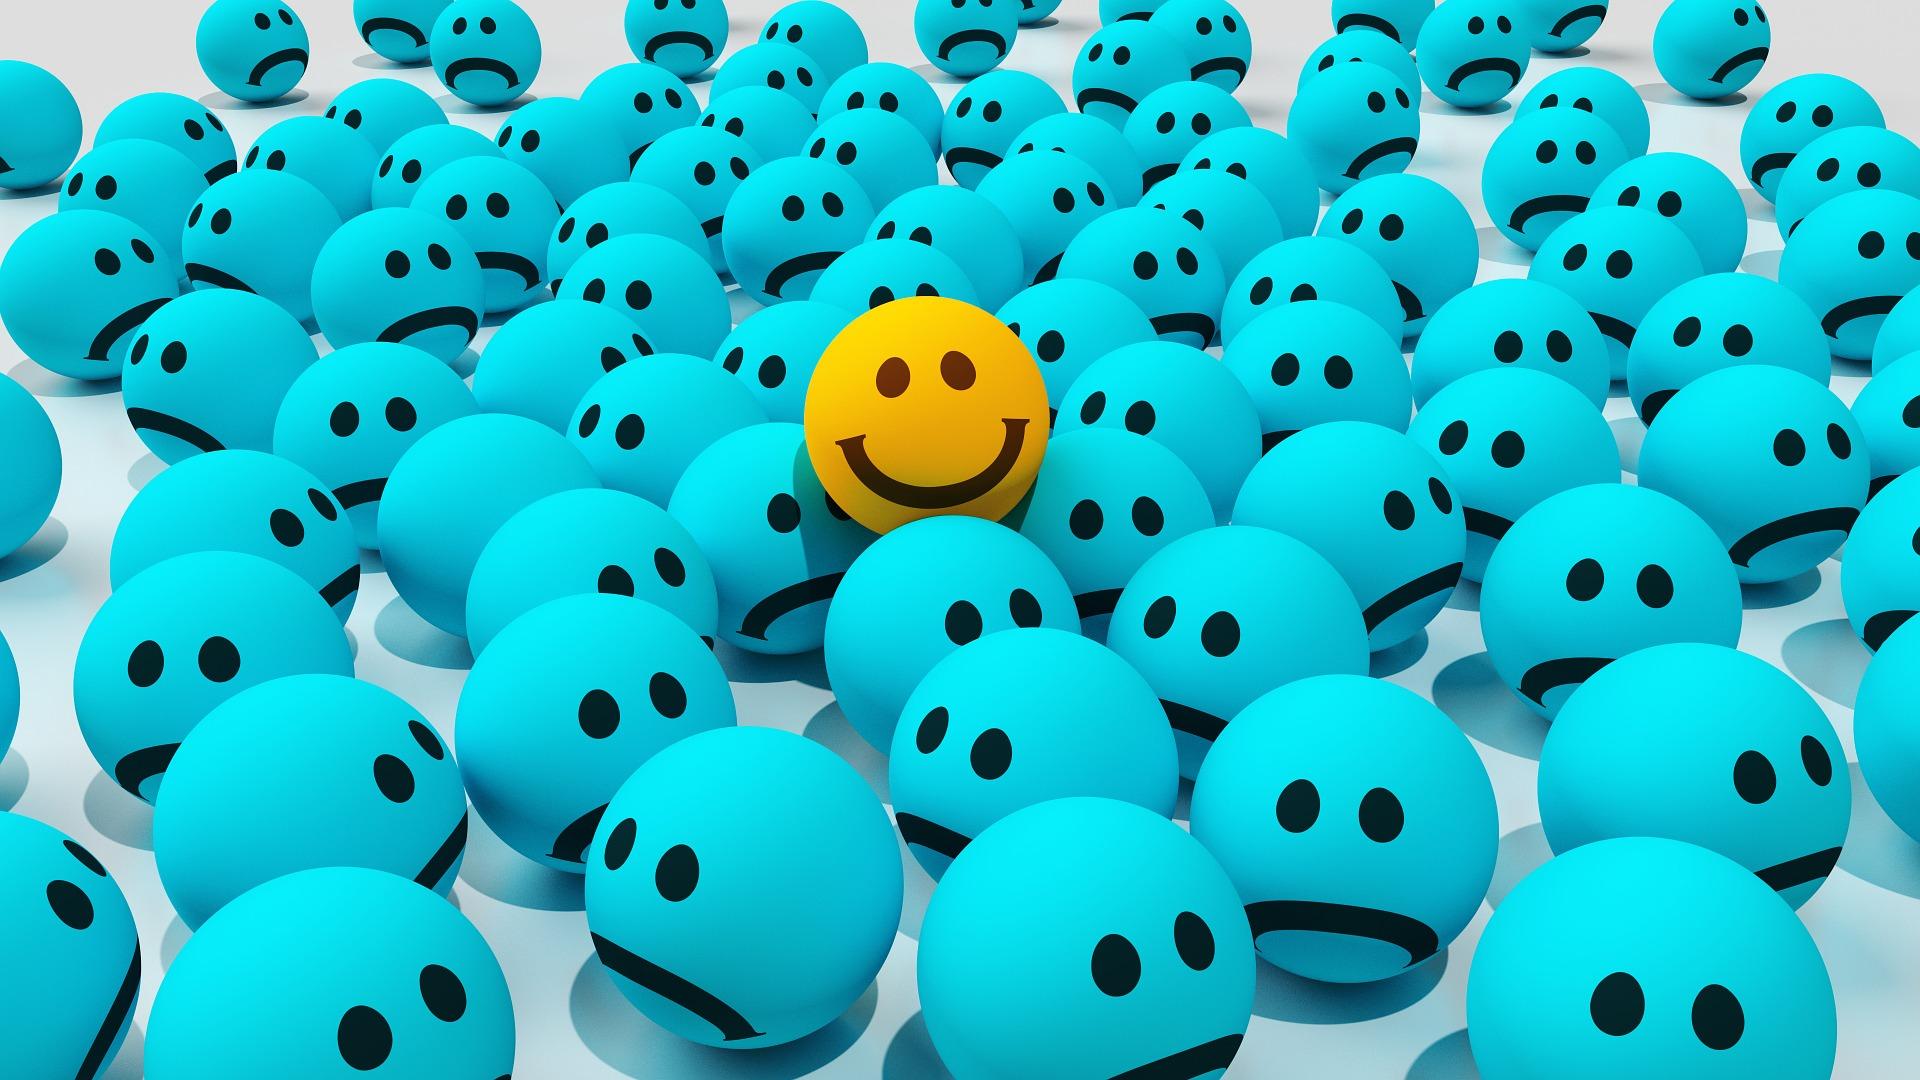 الذكاء العاطفي، تطوير قوي لمهارات الناس